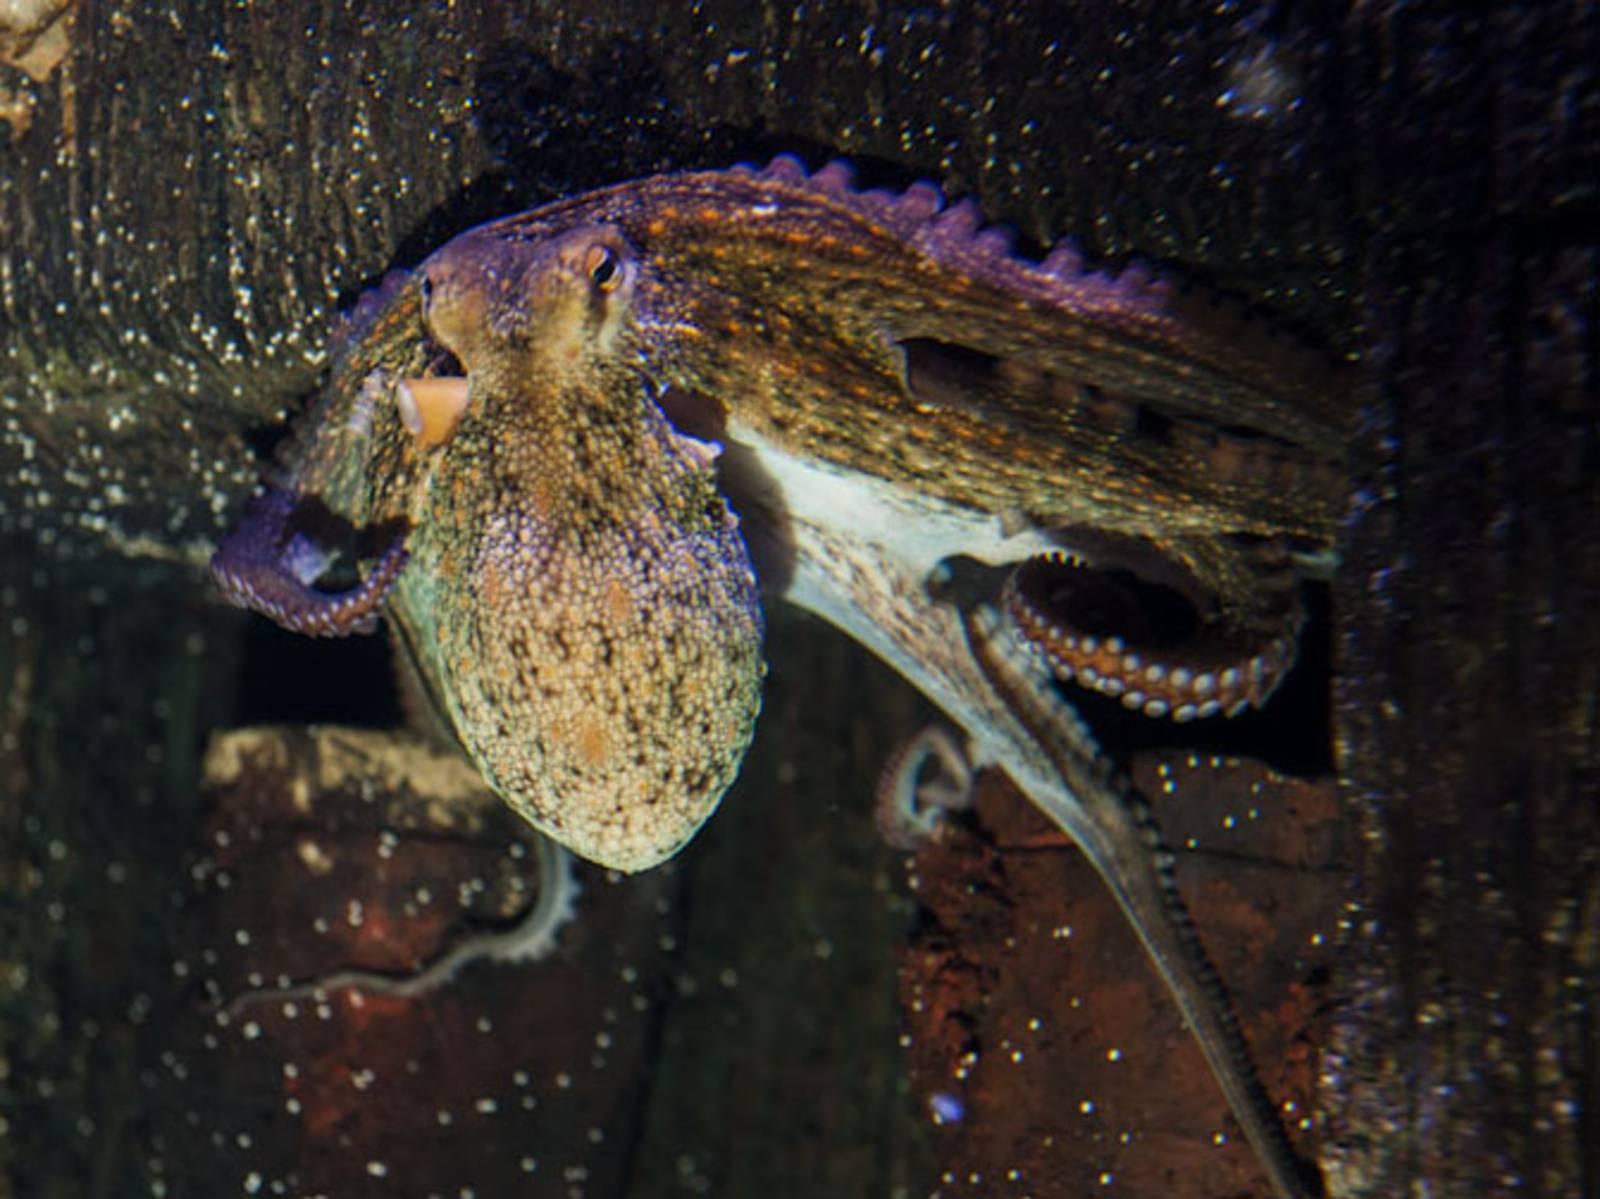 Ein Octopus an einer Wand.